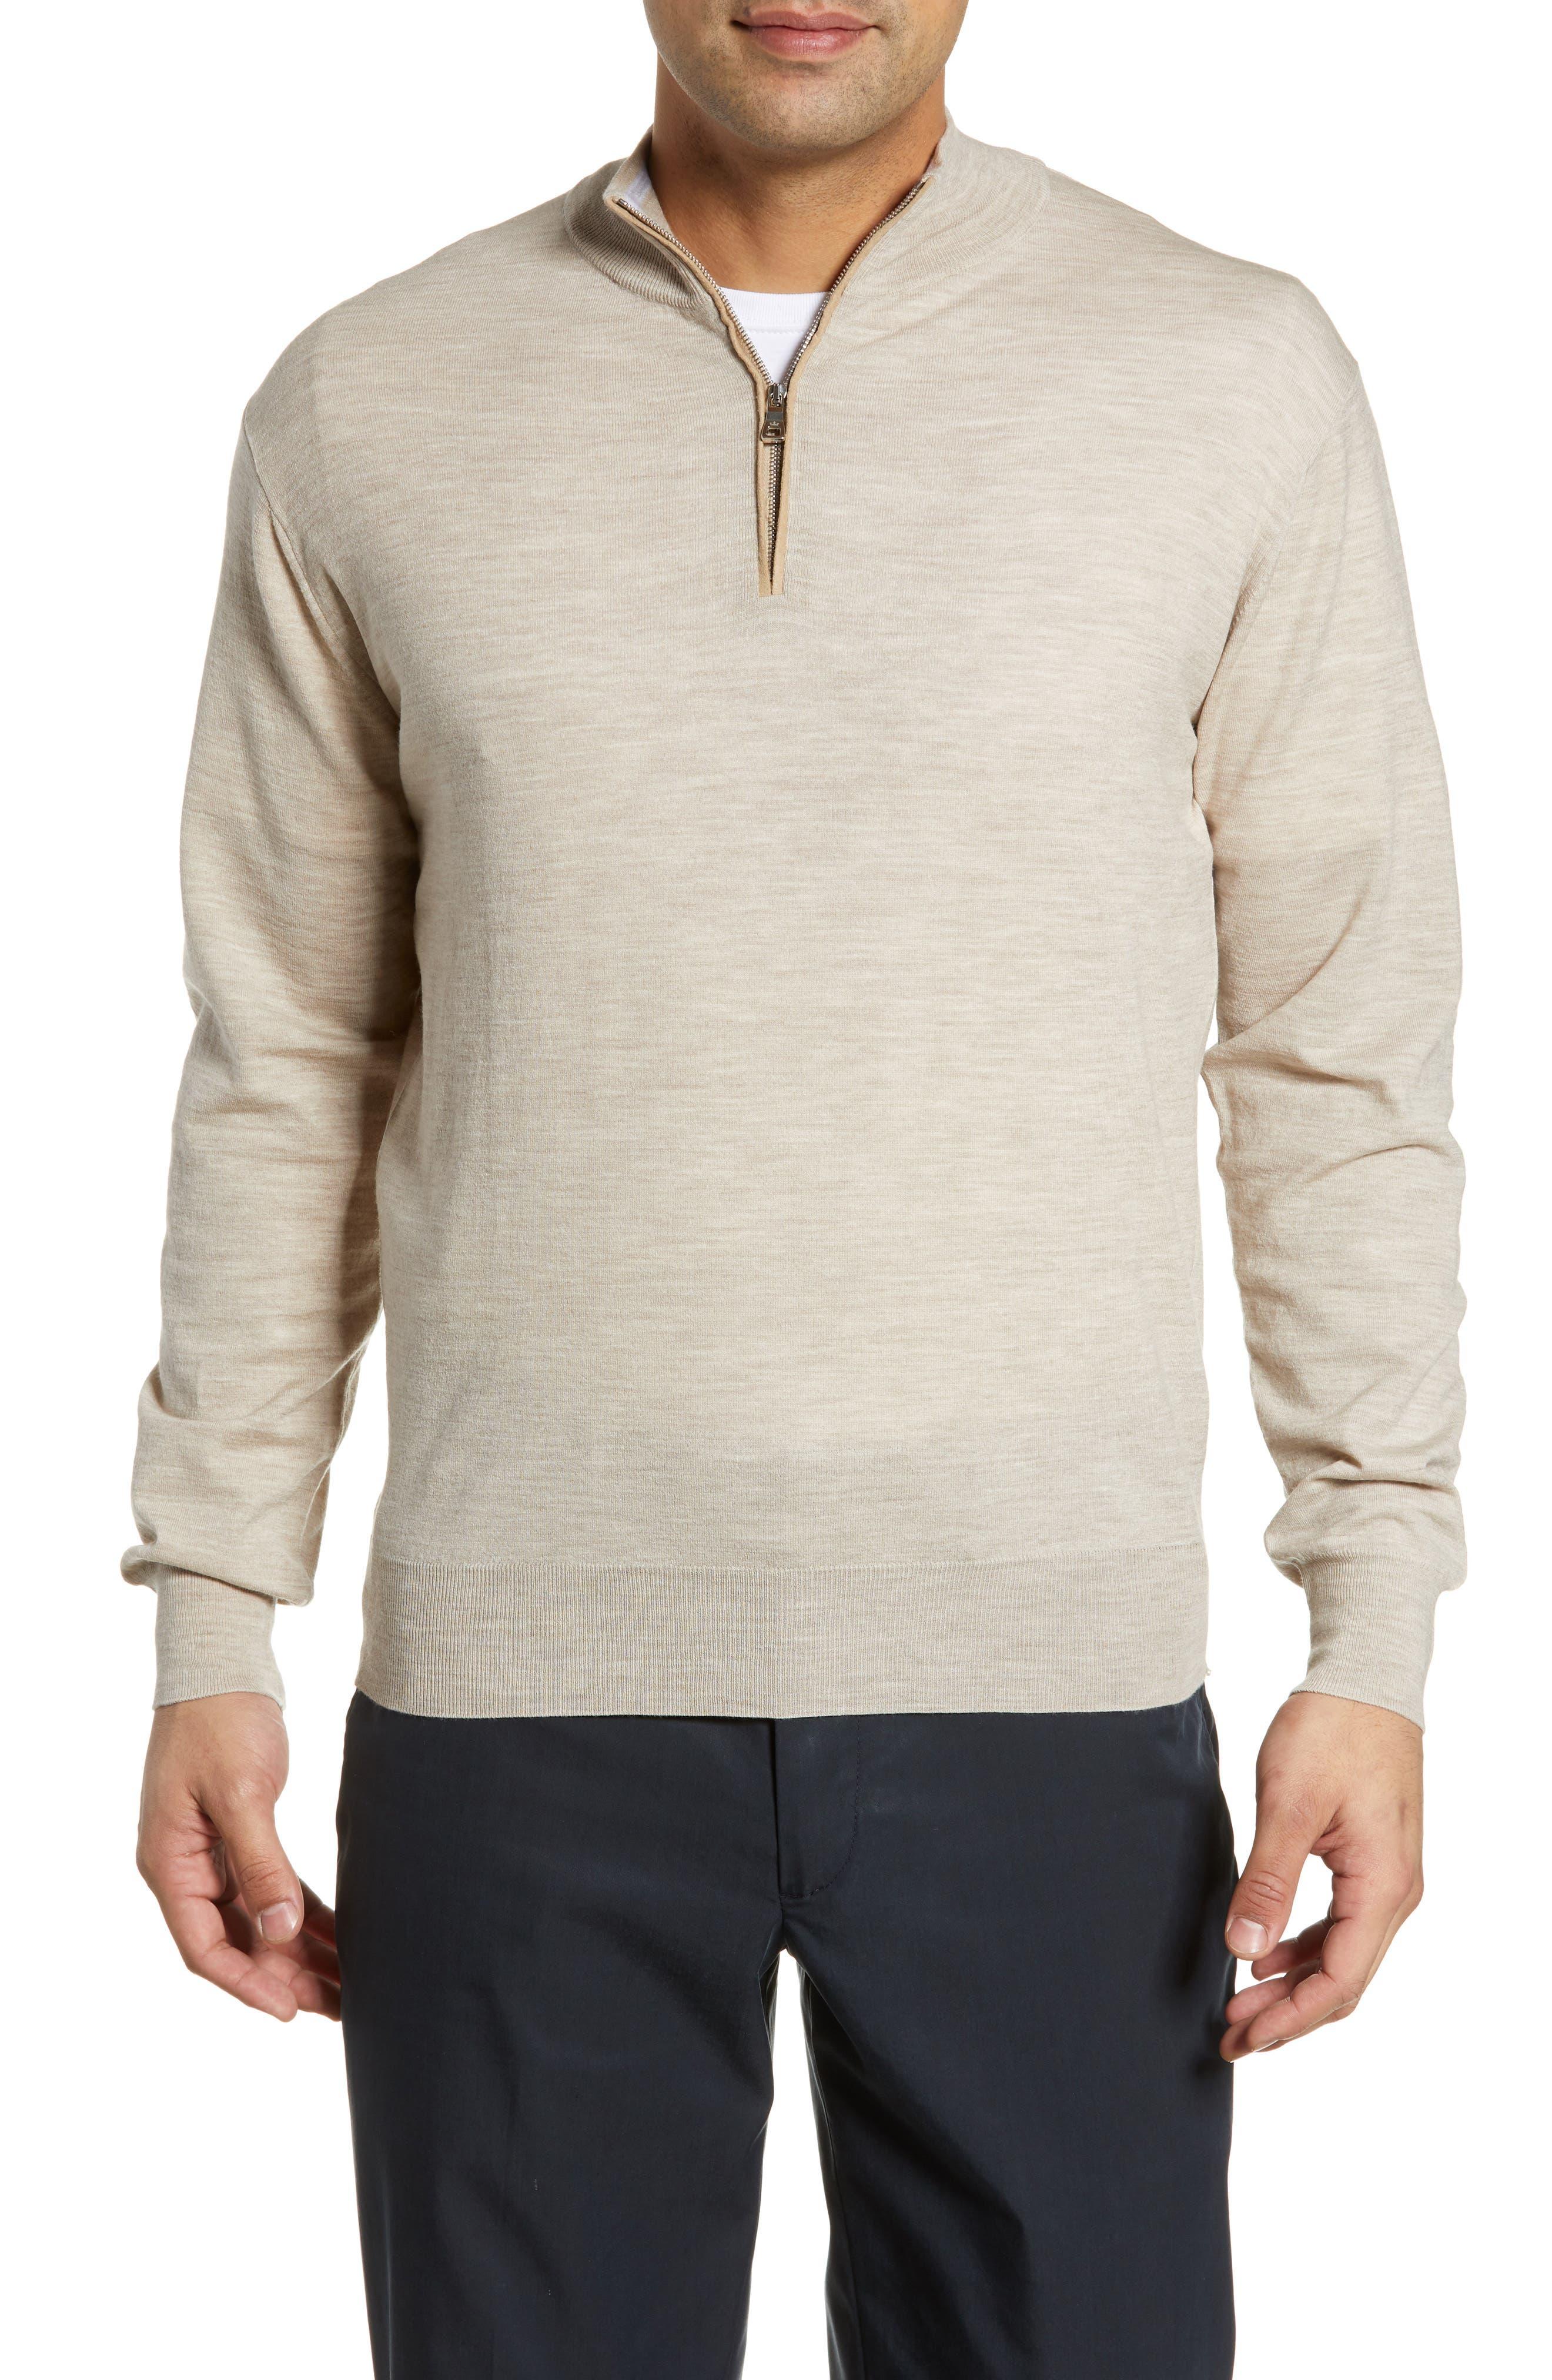 Peter Millar Collection Excursionist Flex Quarter Zip Merino Wool Pullover, Brown